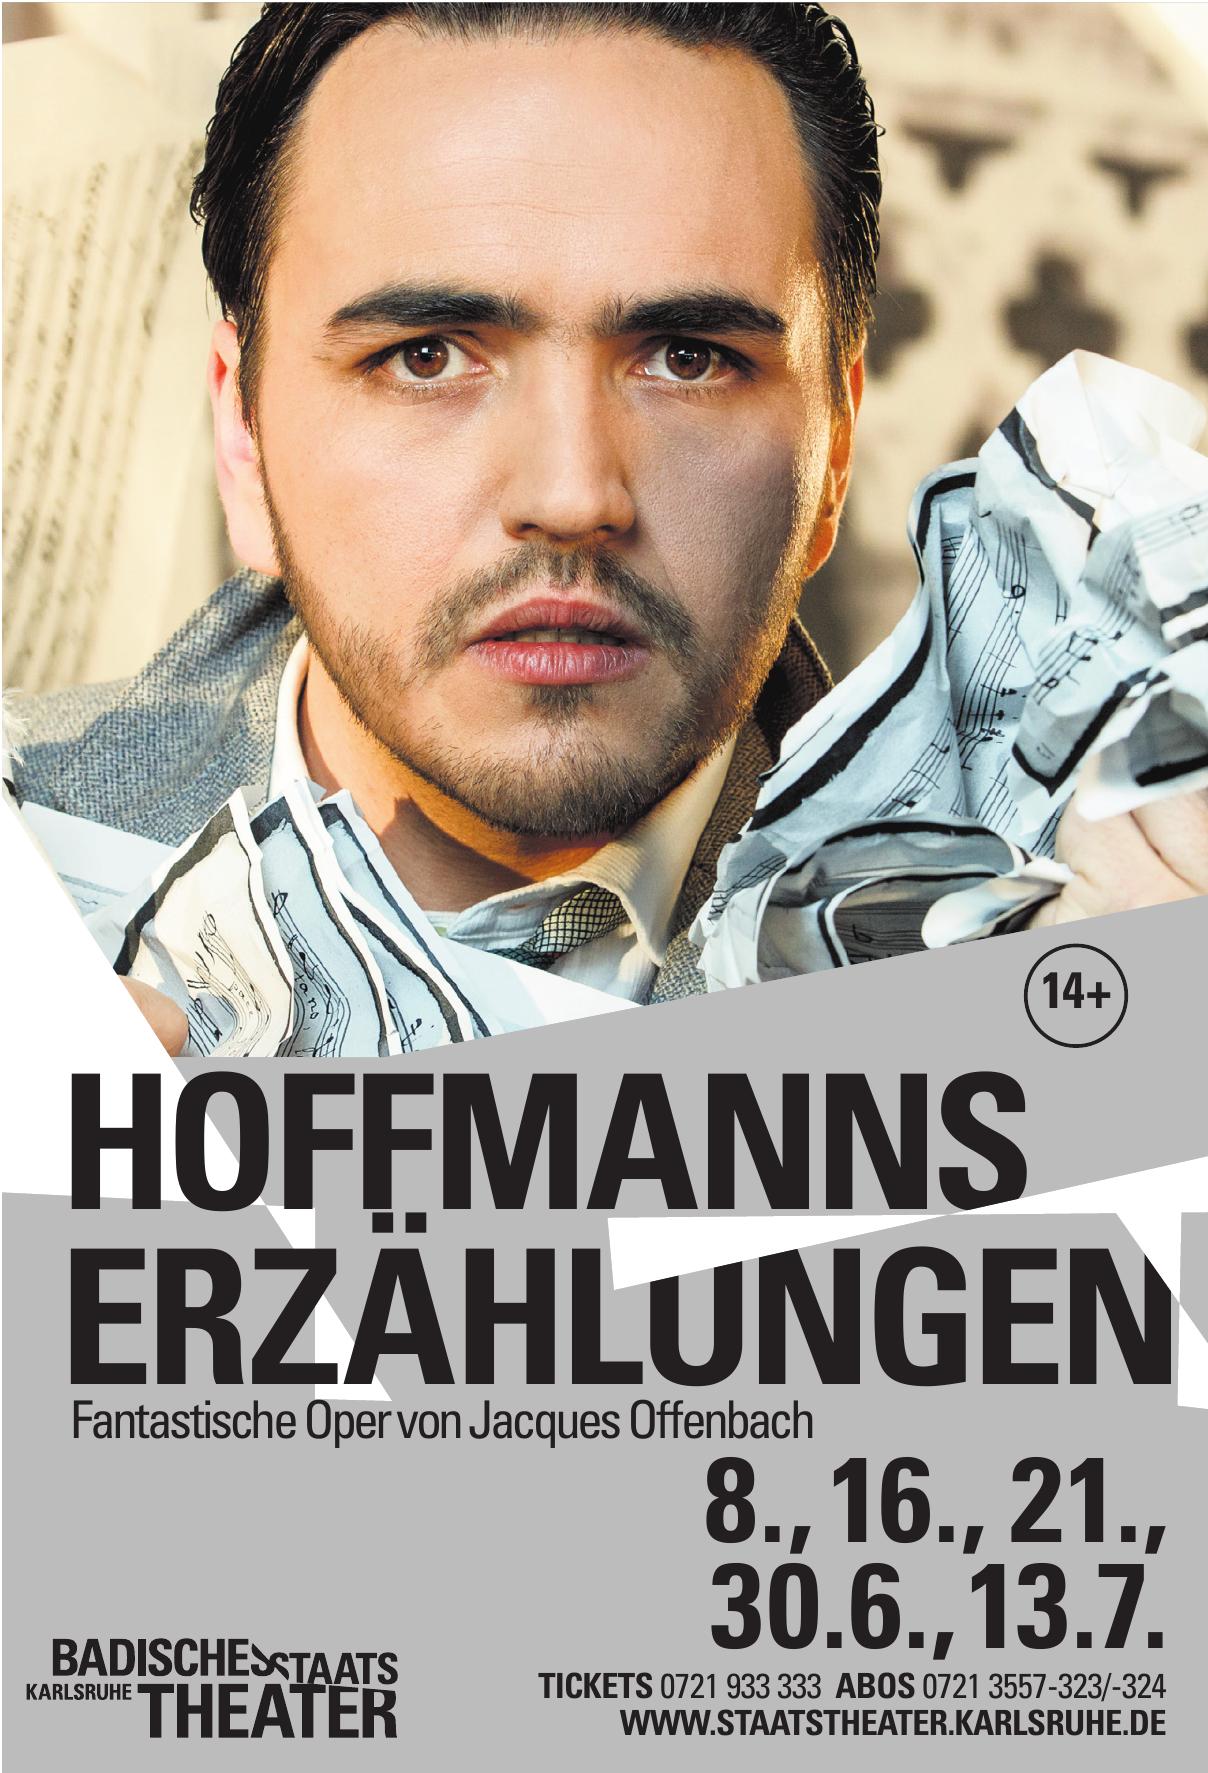 Badisches StaatstheaterKarlsruhe - Hoffmanns Erzählungen